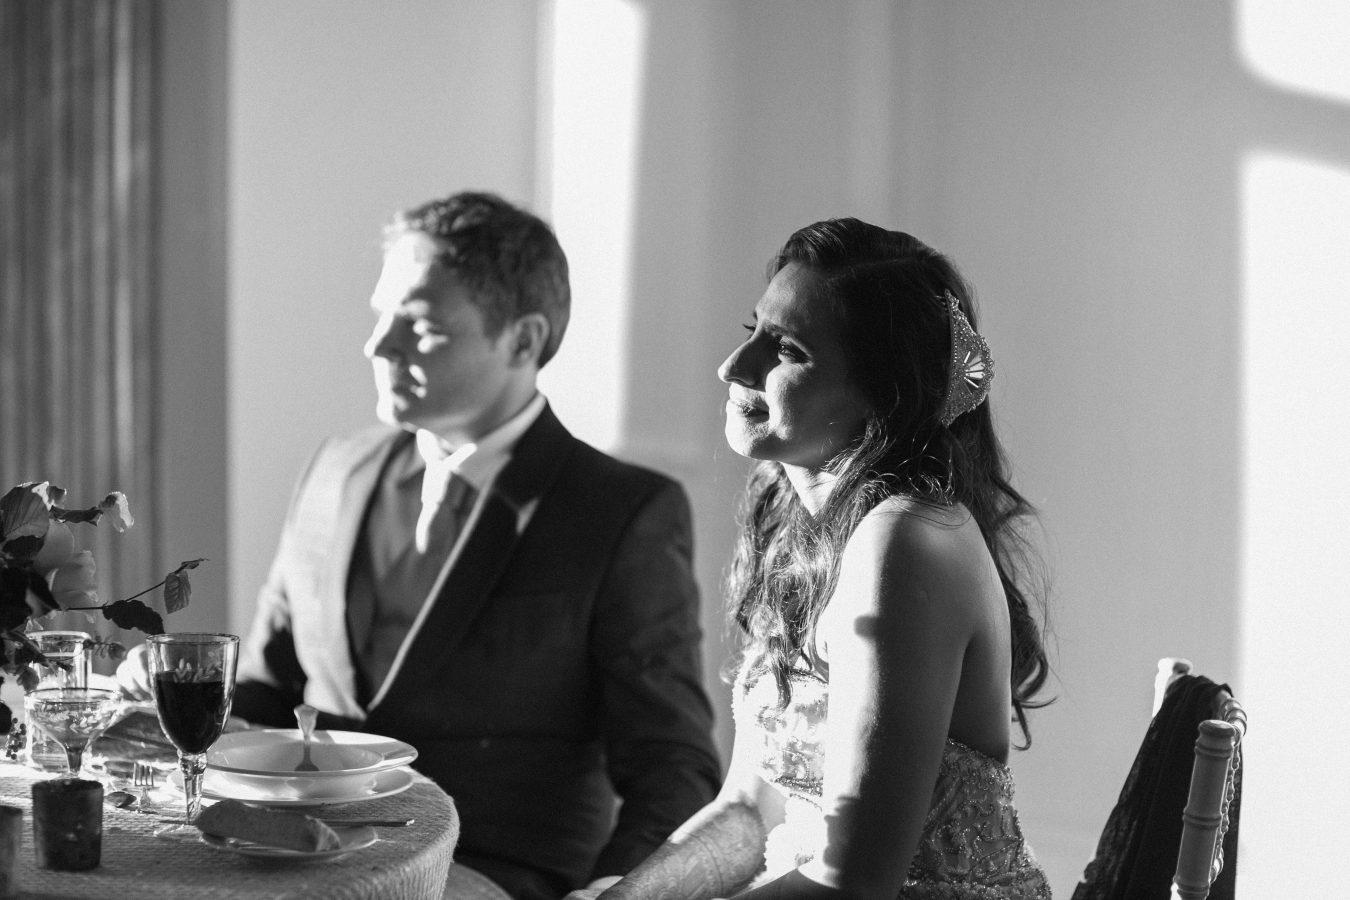 Powerscourt Gardens Wedding Reception